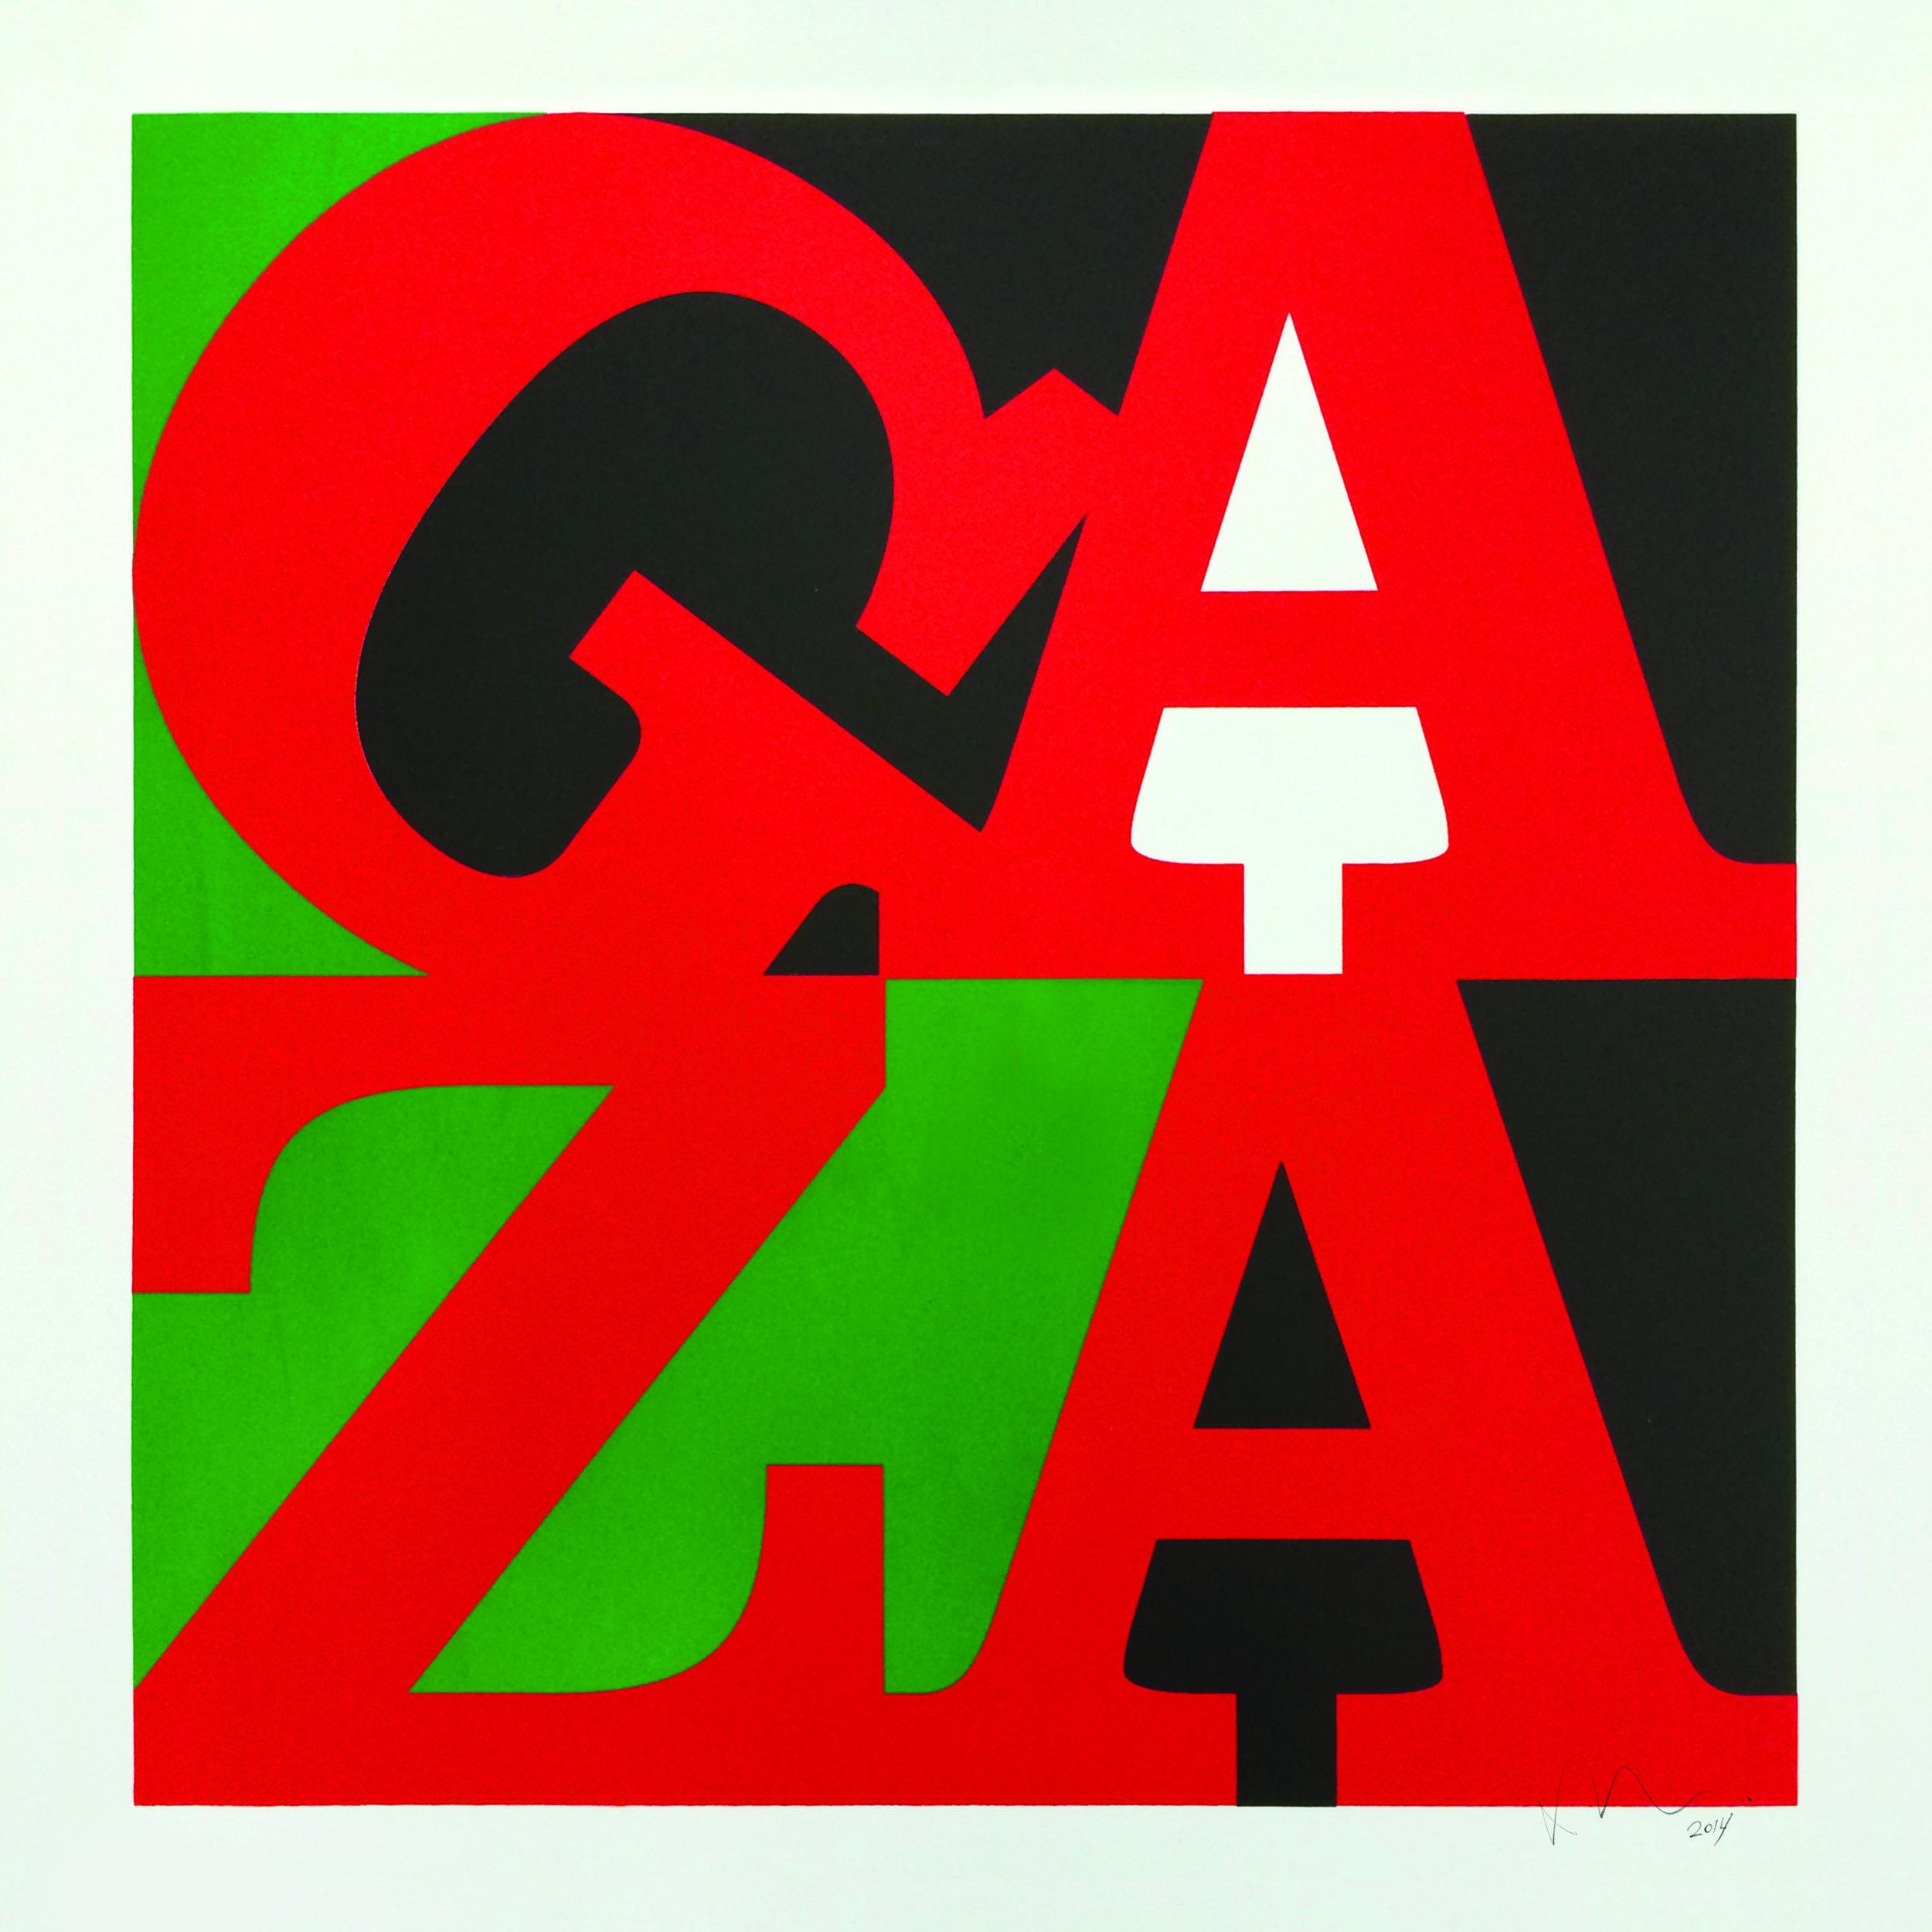 GazaLove_Poster_FinalSigned.jpg